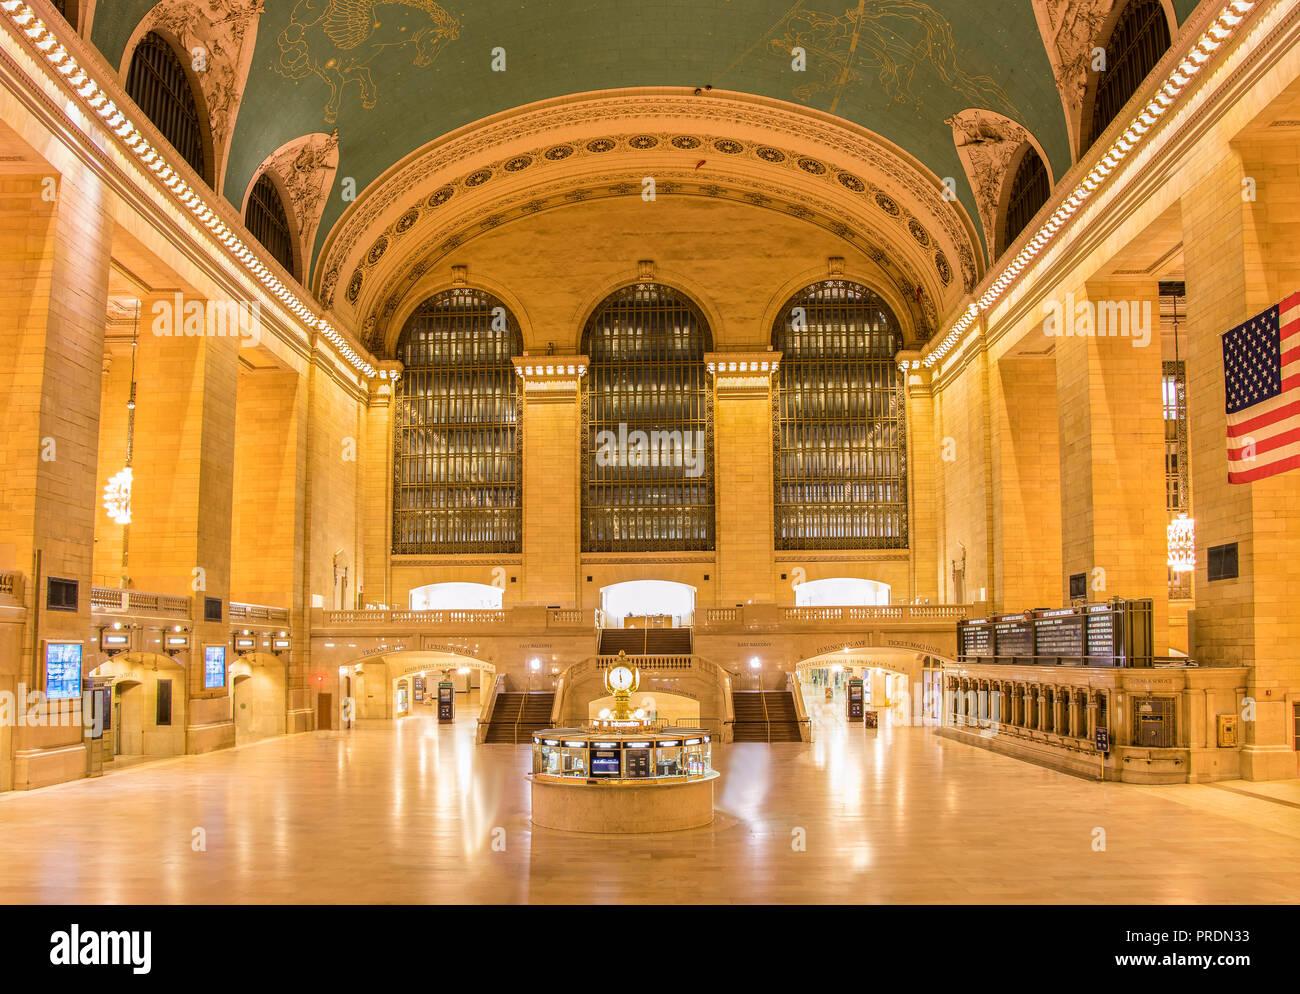 La ville de New York, USA - 12 juin 2017: Vue de la Grand Central Station de nuit. Photo Stock